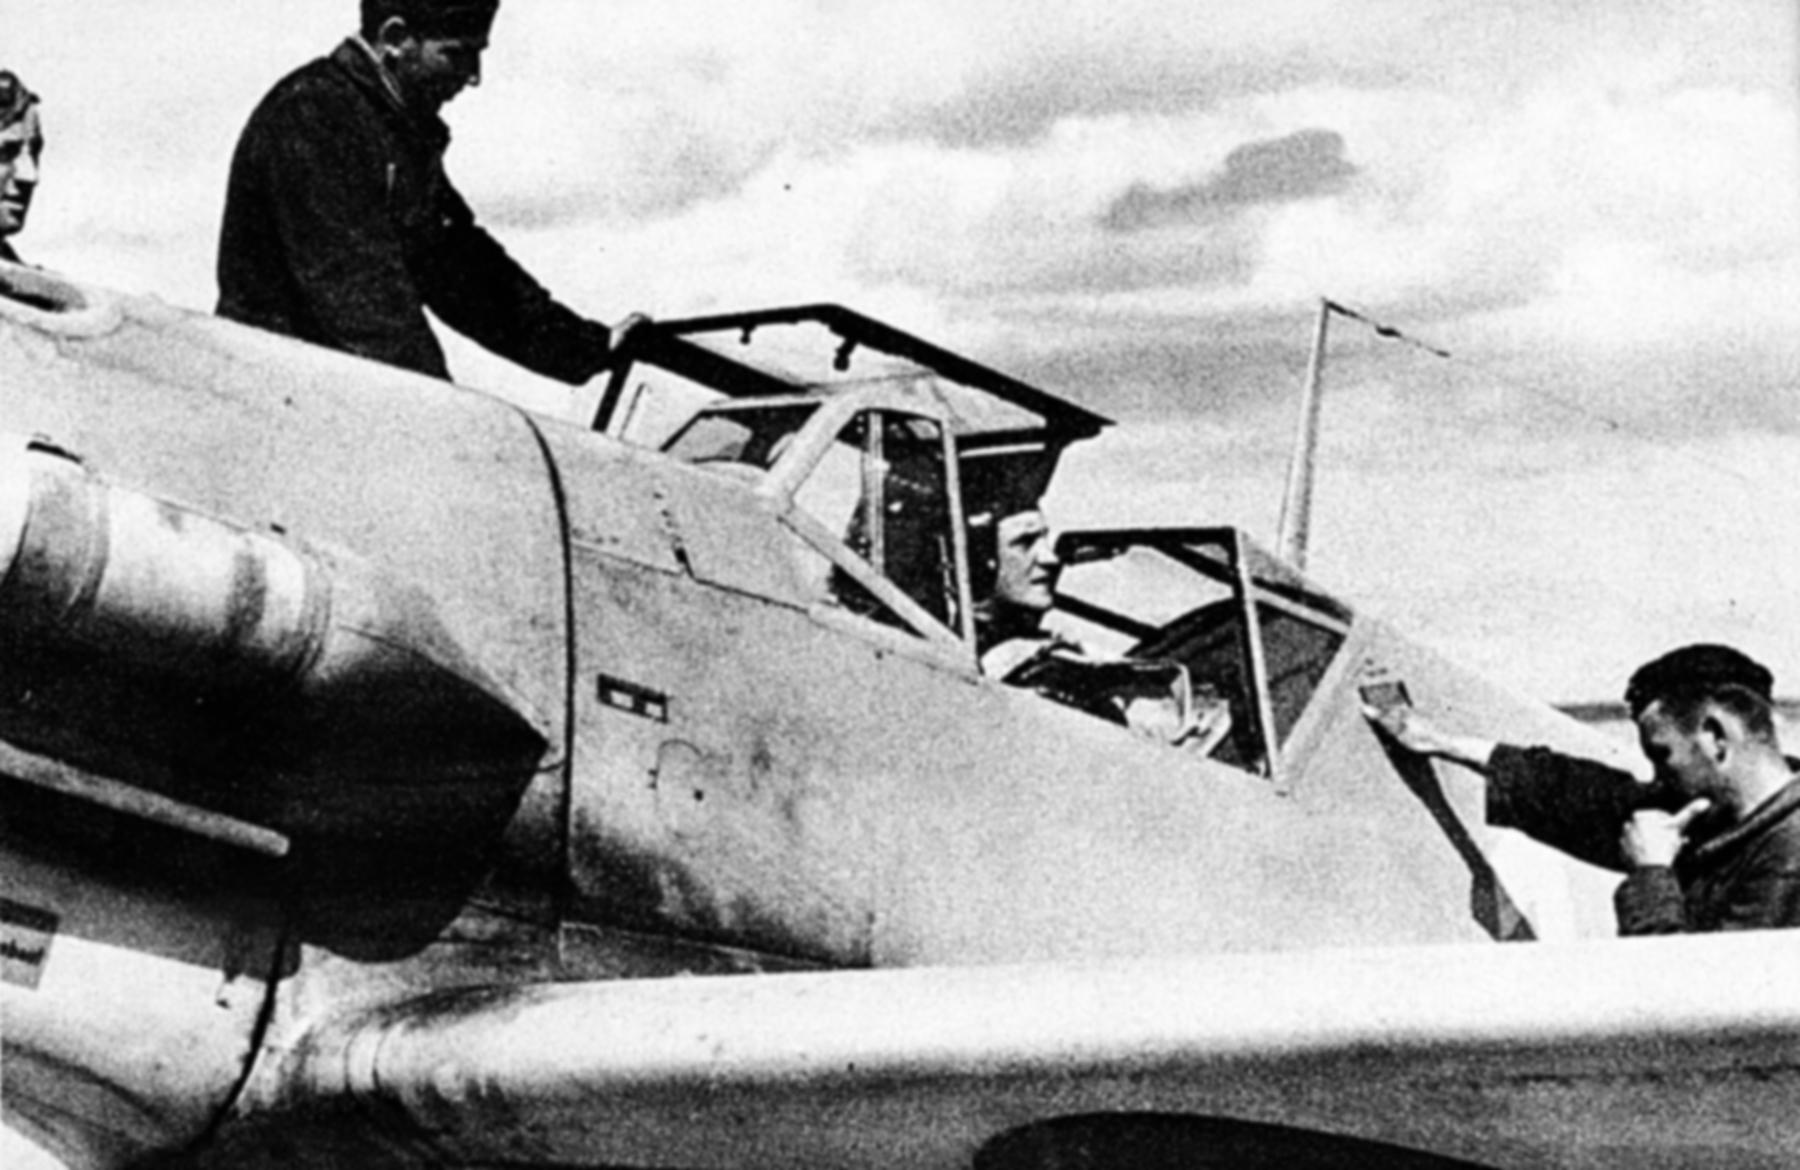 Messerschmitt Bf 109F4Trop 3.JG27 Yellow 14 Hans Joachim Marseille Martuba 1942 04